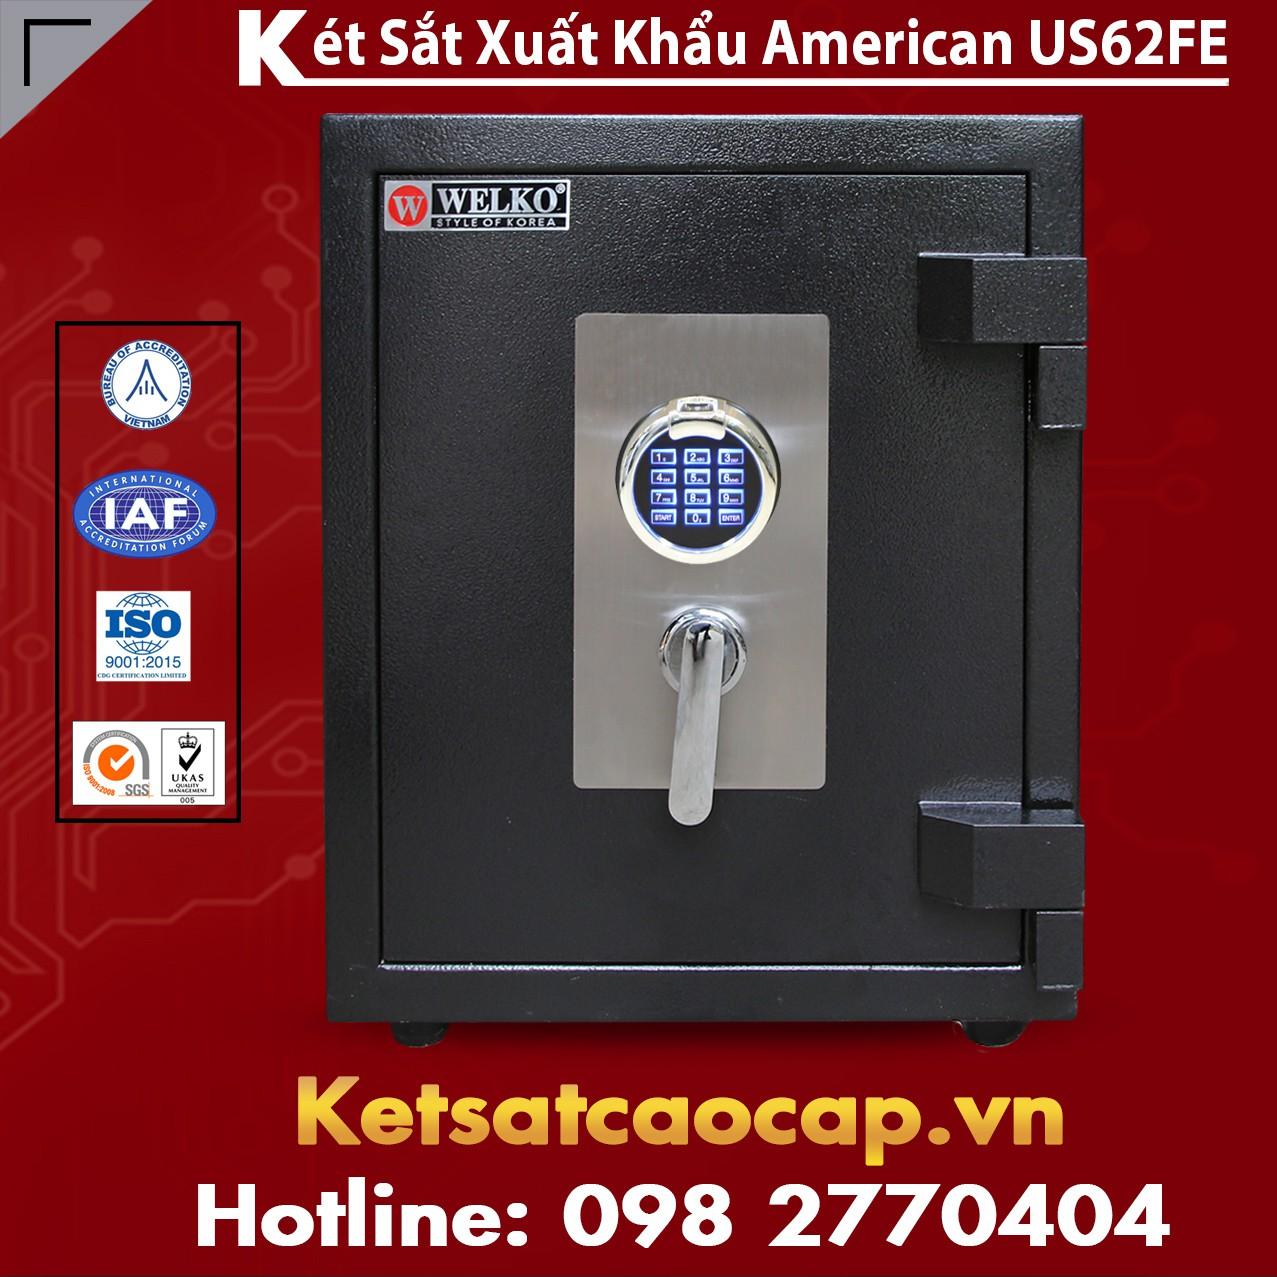 cửa hàng bán két sắt xuất khẩu US52 cao cấp ở Quốc Oai